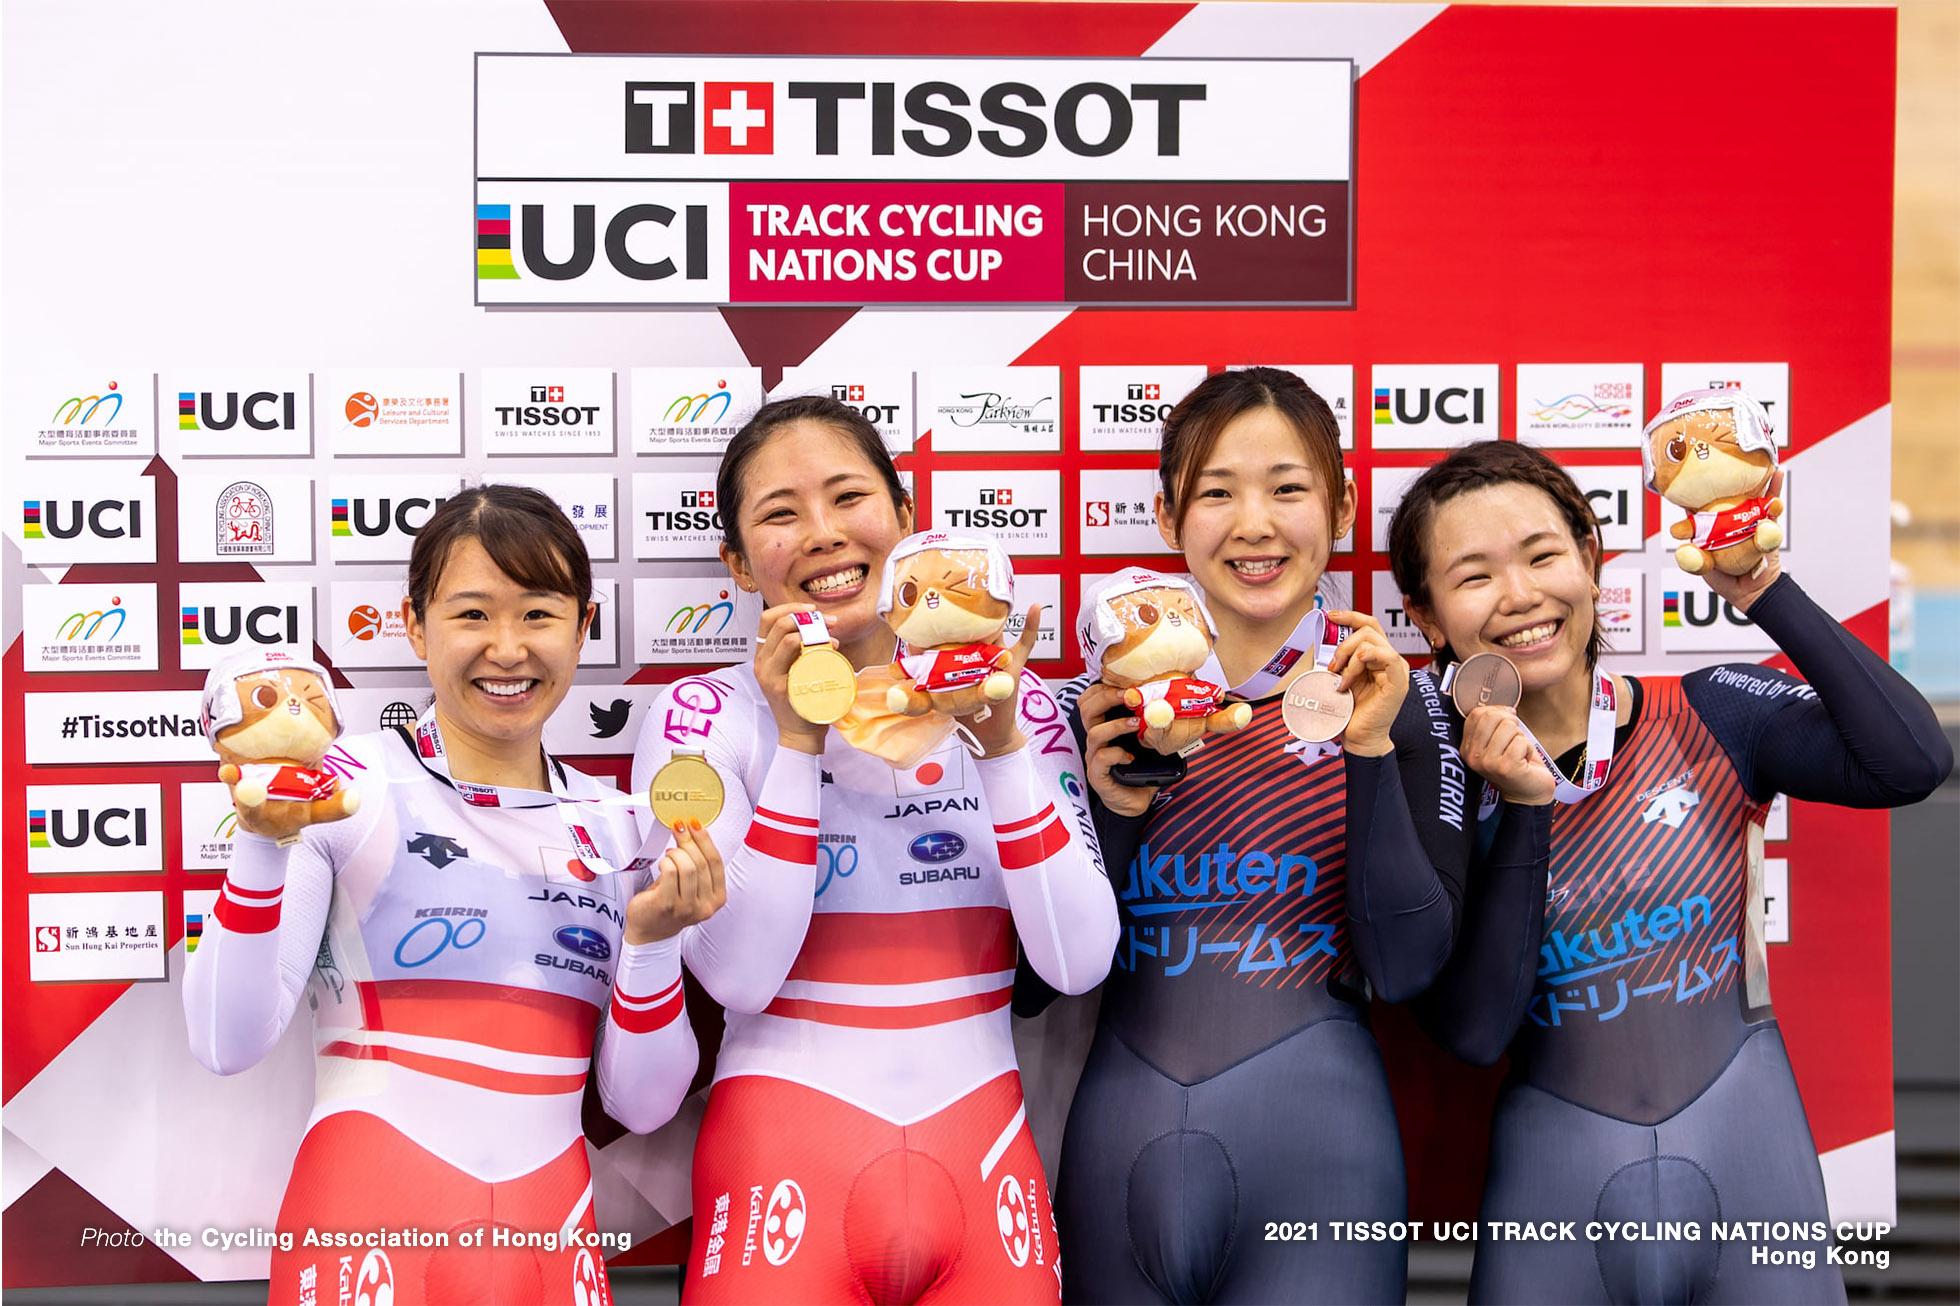 中村妃智,梶原悠未,鈴木奈央,古山稀絵,Womens Madison, TISSOT UCI TRACK CYCLING NATIONS CUP - HONG KONG